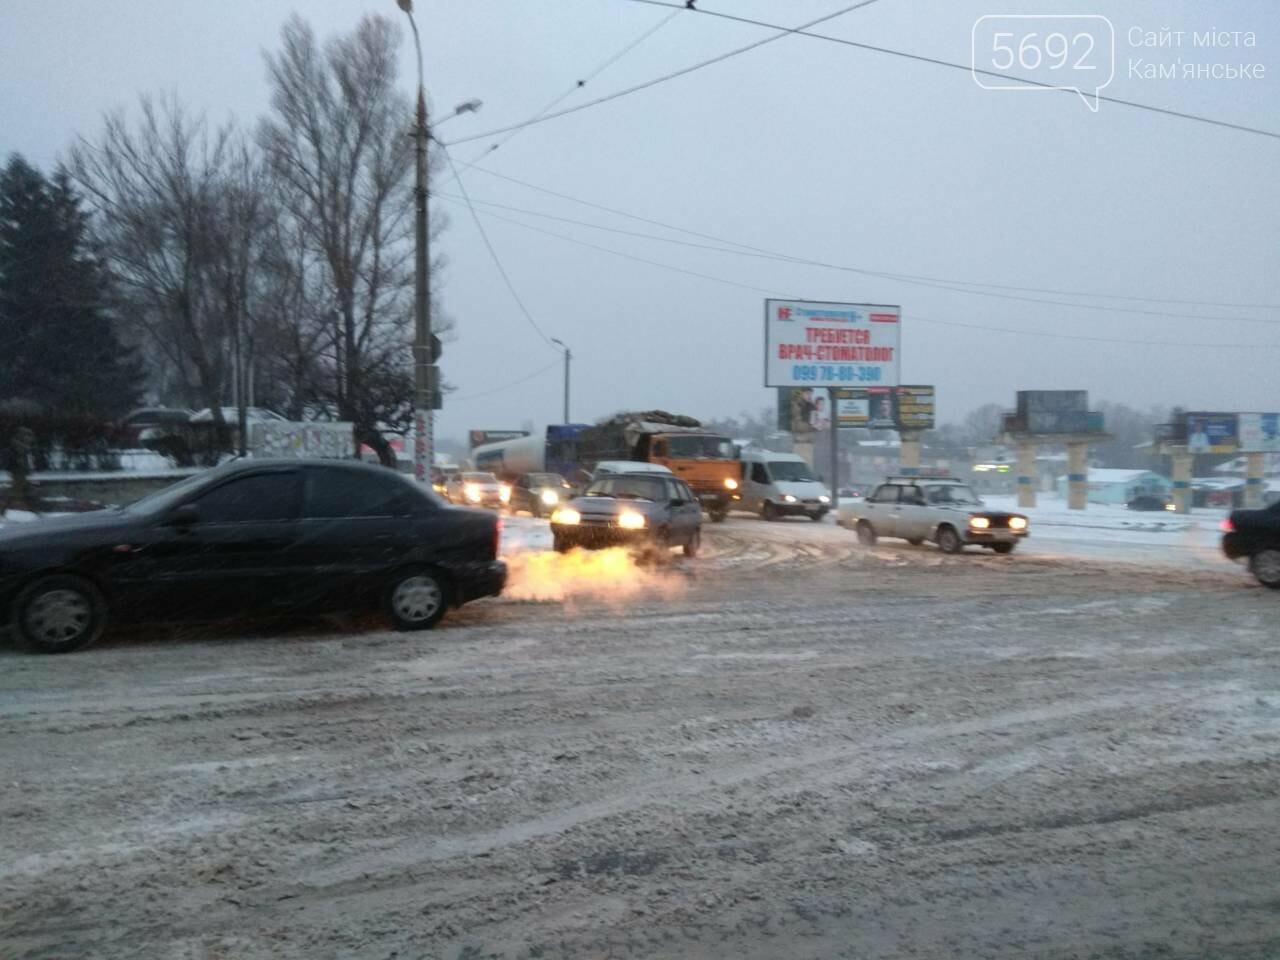 В Каменском – транспортный коллапс из-за непогоды, фото-3